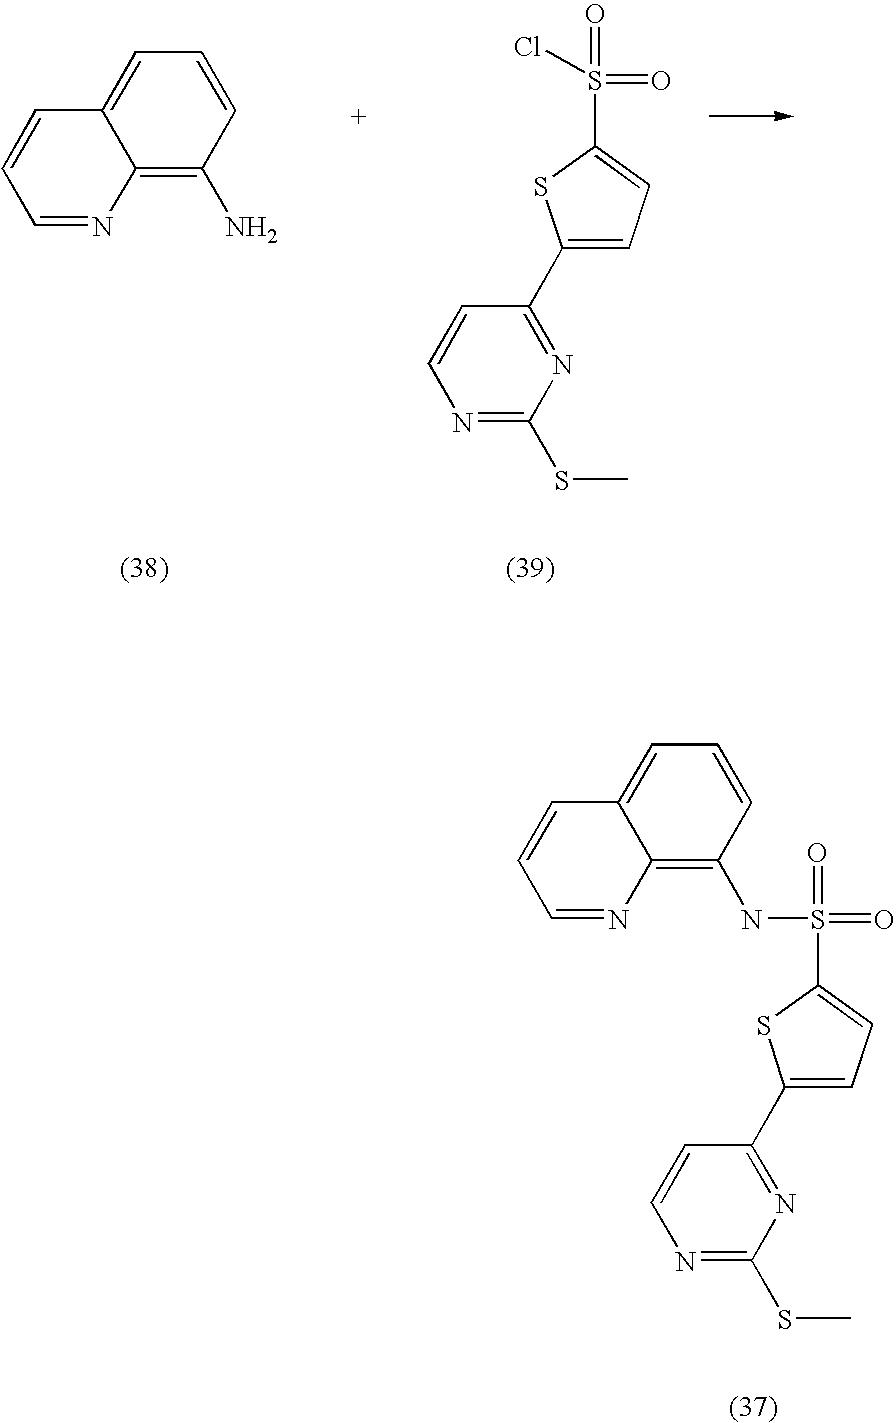 Figure US20060041006A1-20060223-C00034